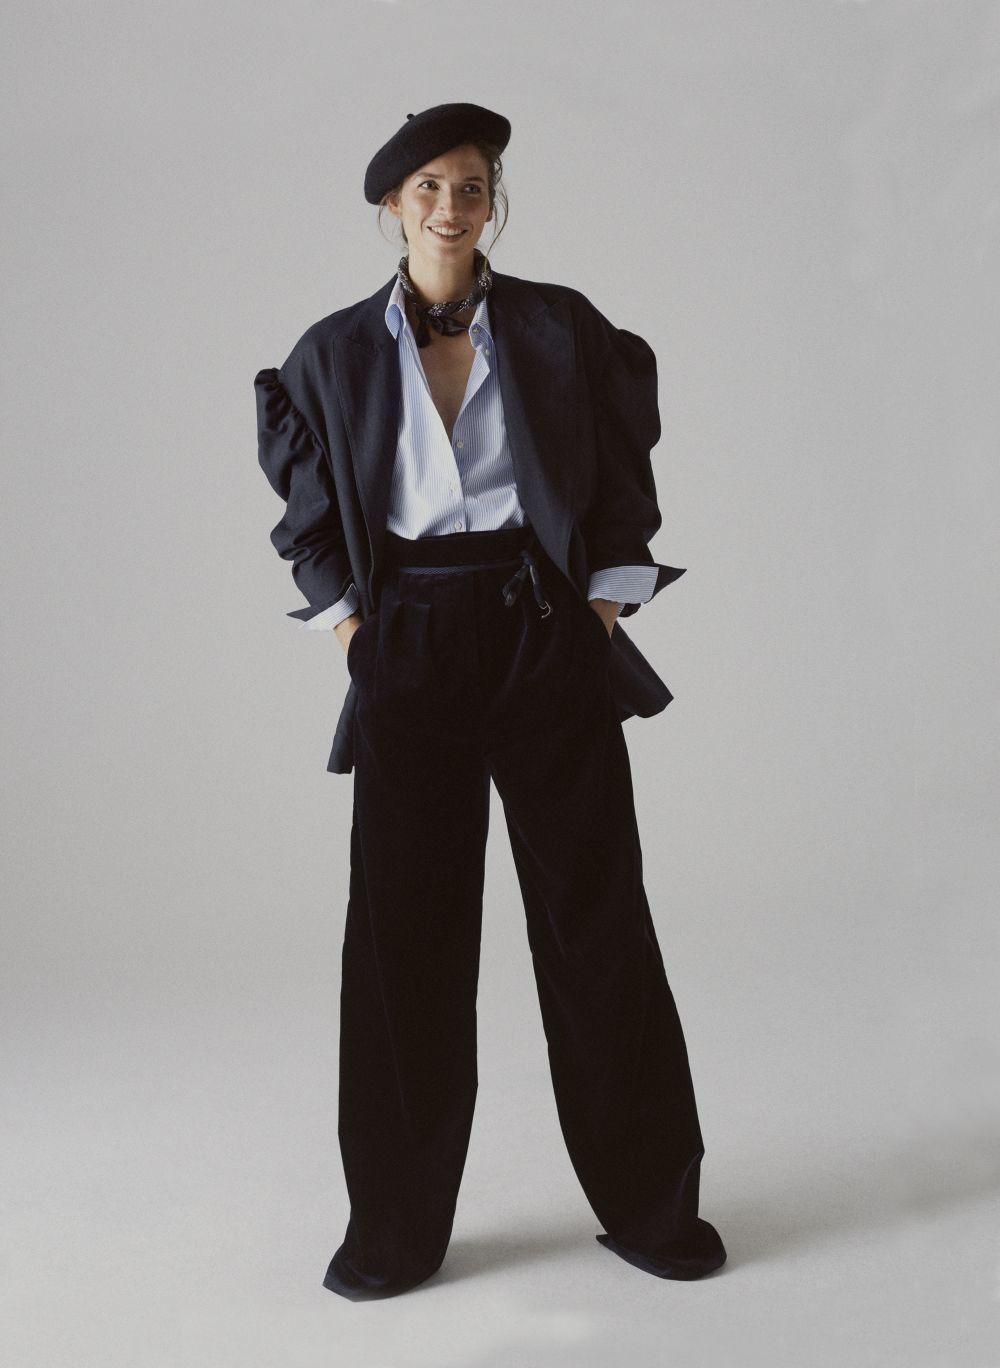 Clásicos de moda que son eternos